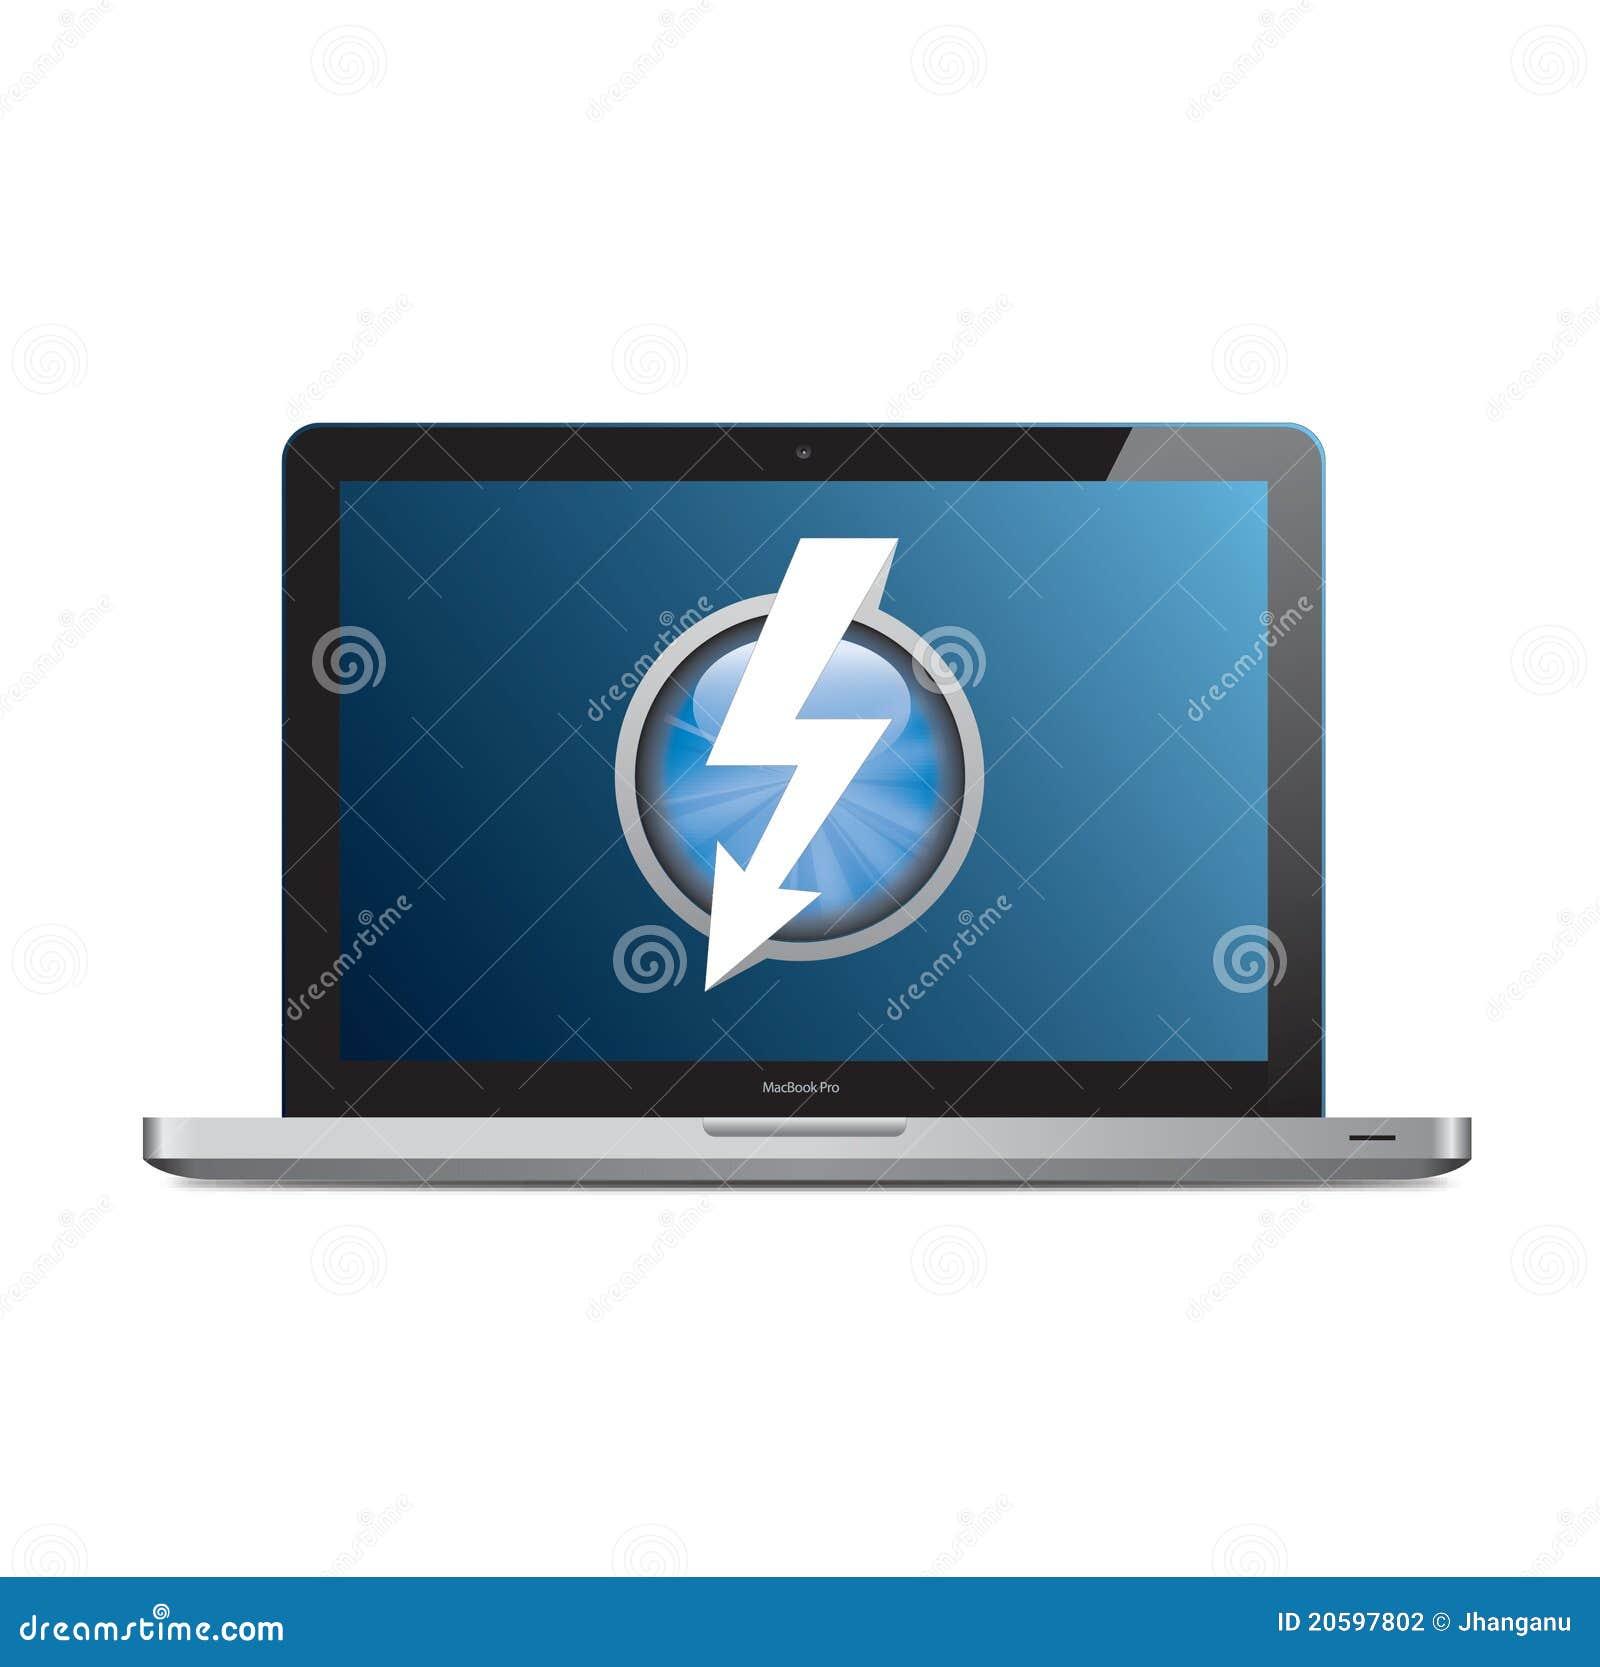 Apple MacBook Pro con il marchio di colpo di fulmine sullo schermo